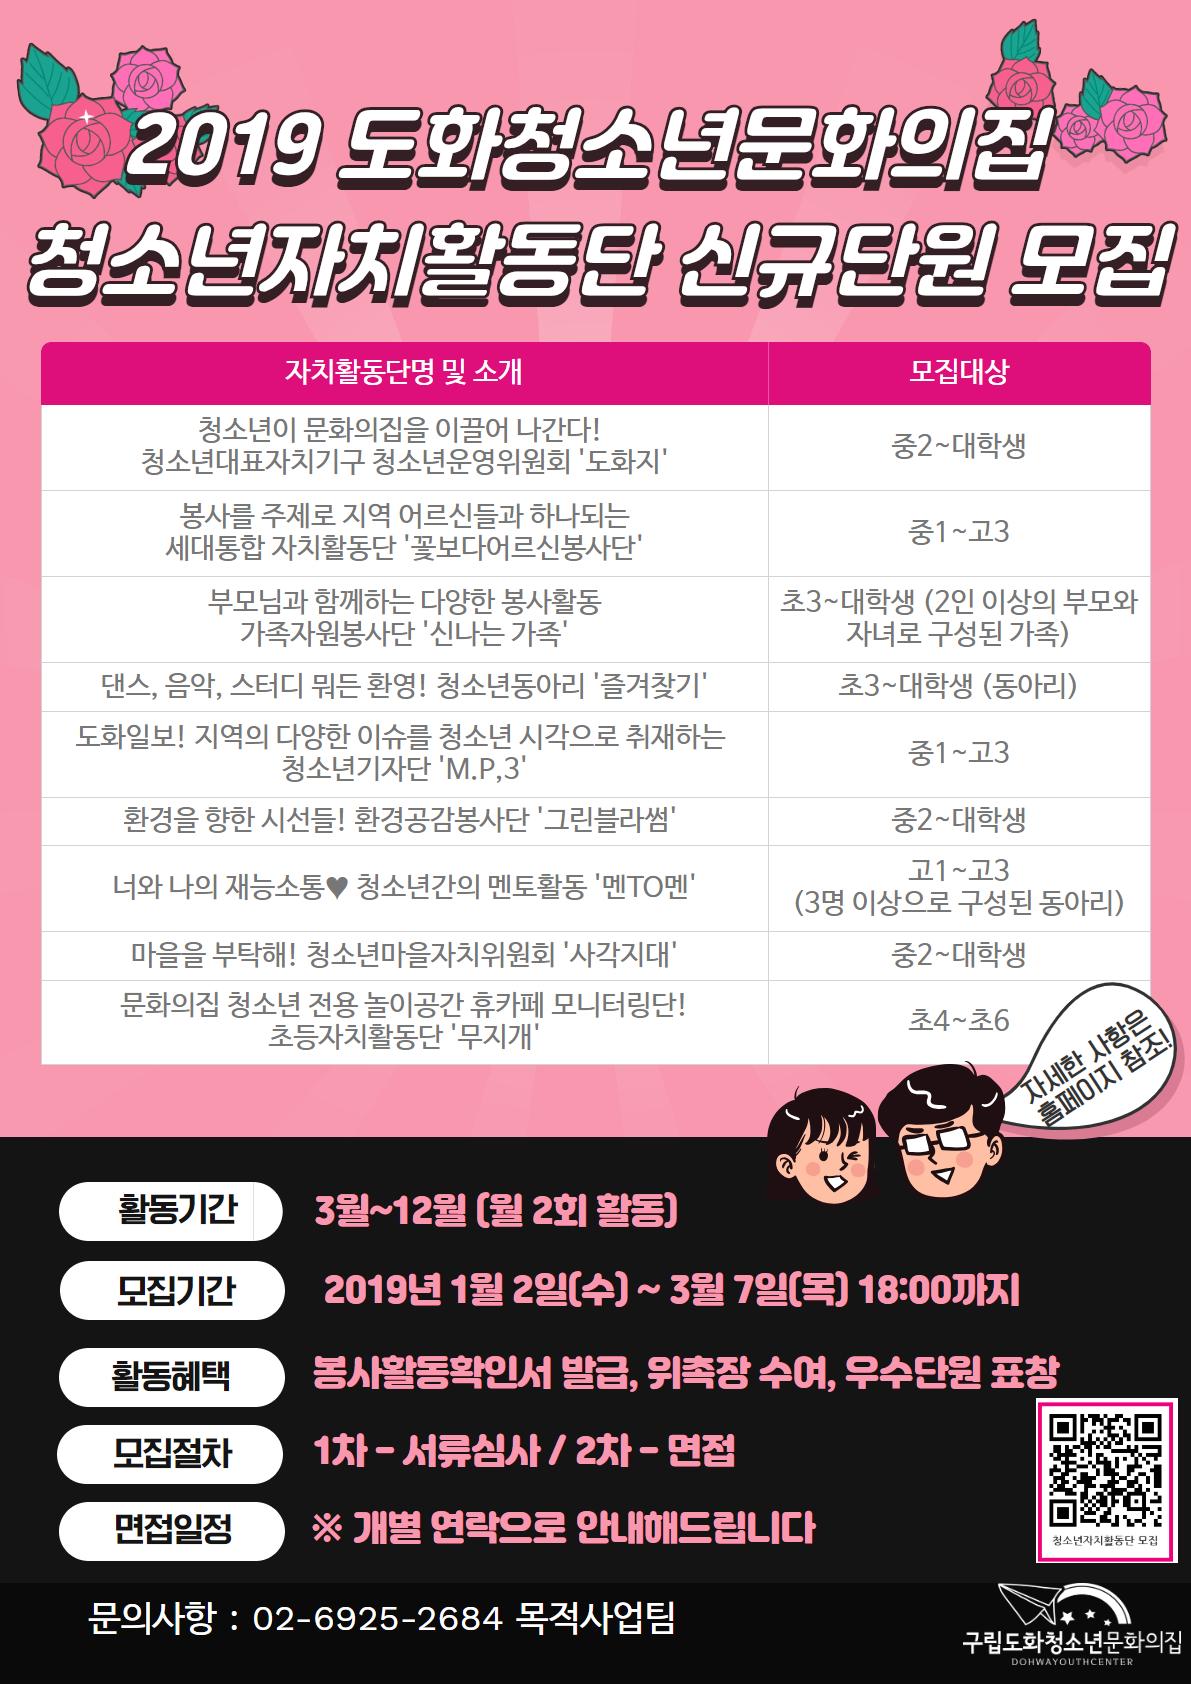 2019 청소년자치활동단 신규단원 모집(홈페이지용) (2).png